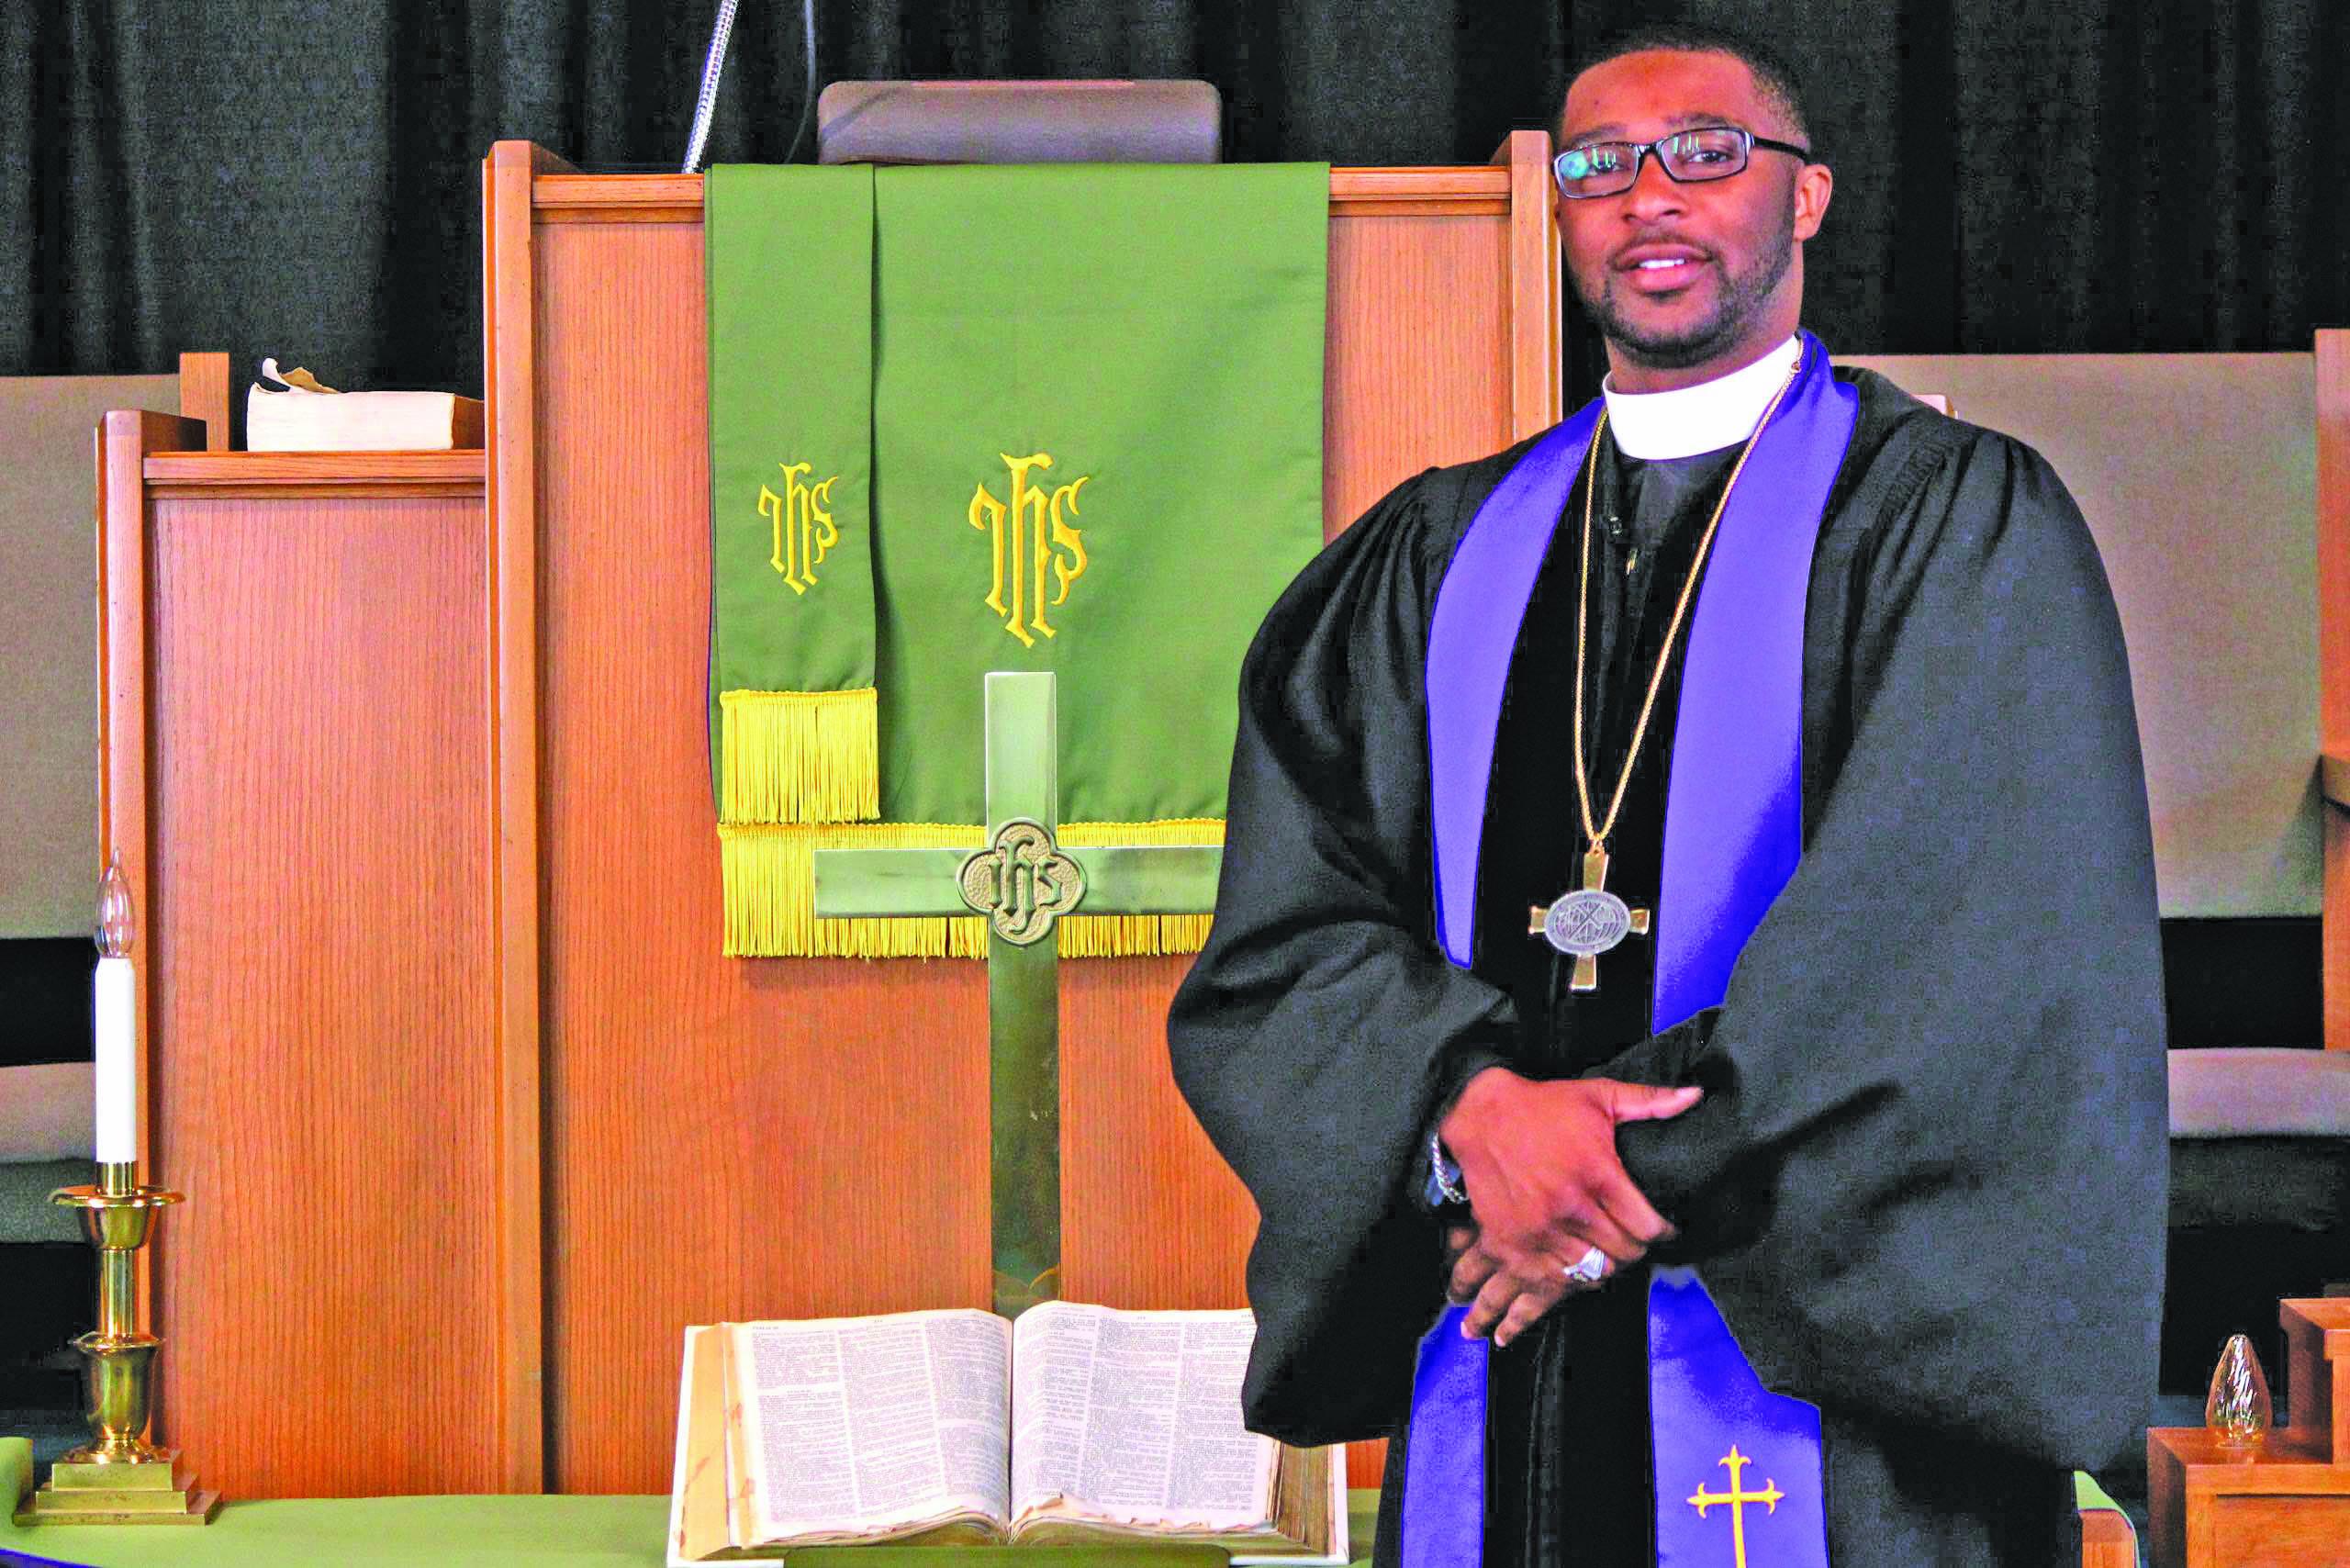 Rev. Andre' Loyd